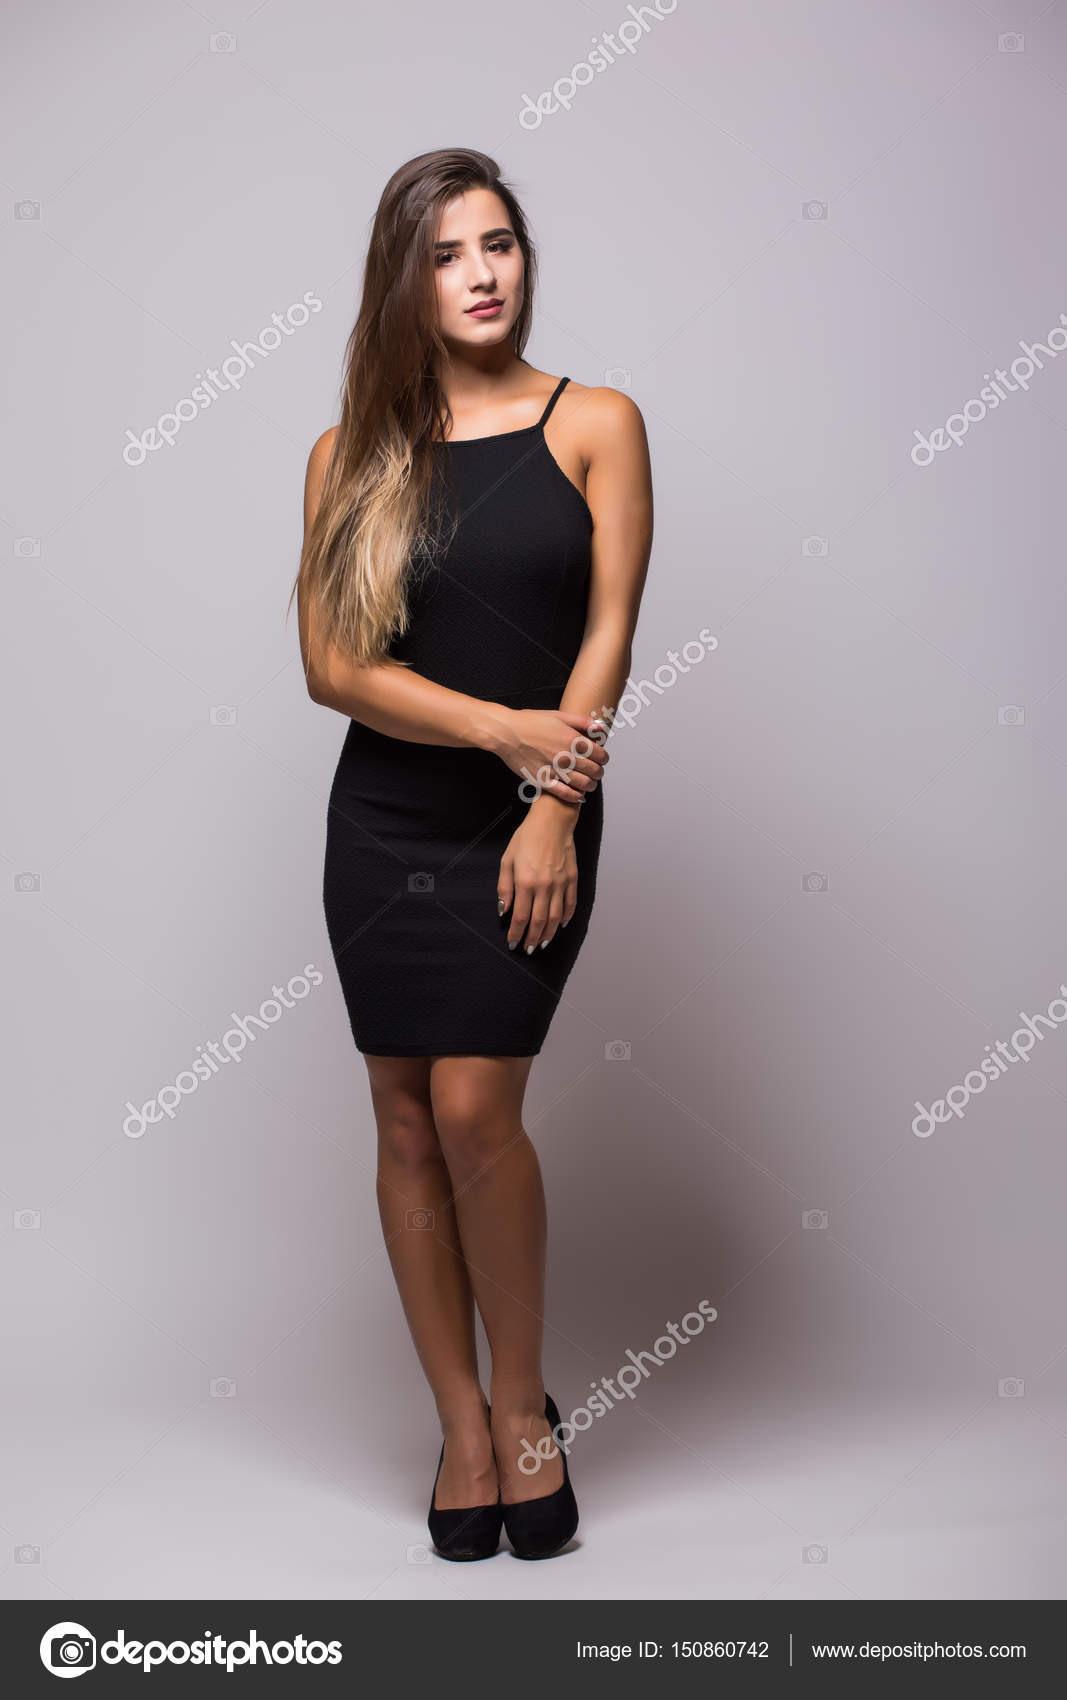 Abend Elegant Kleines Schwarzes Kleid Cocktailkleid Abend für 201915 Perfekt Kleines Schwarzes Kleid Cocktailkleid Abend Vertrieb